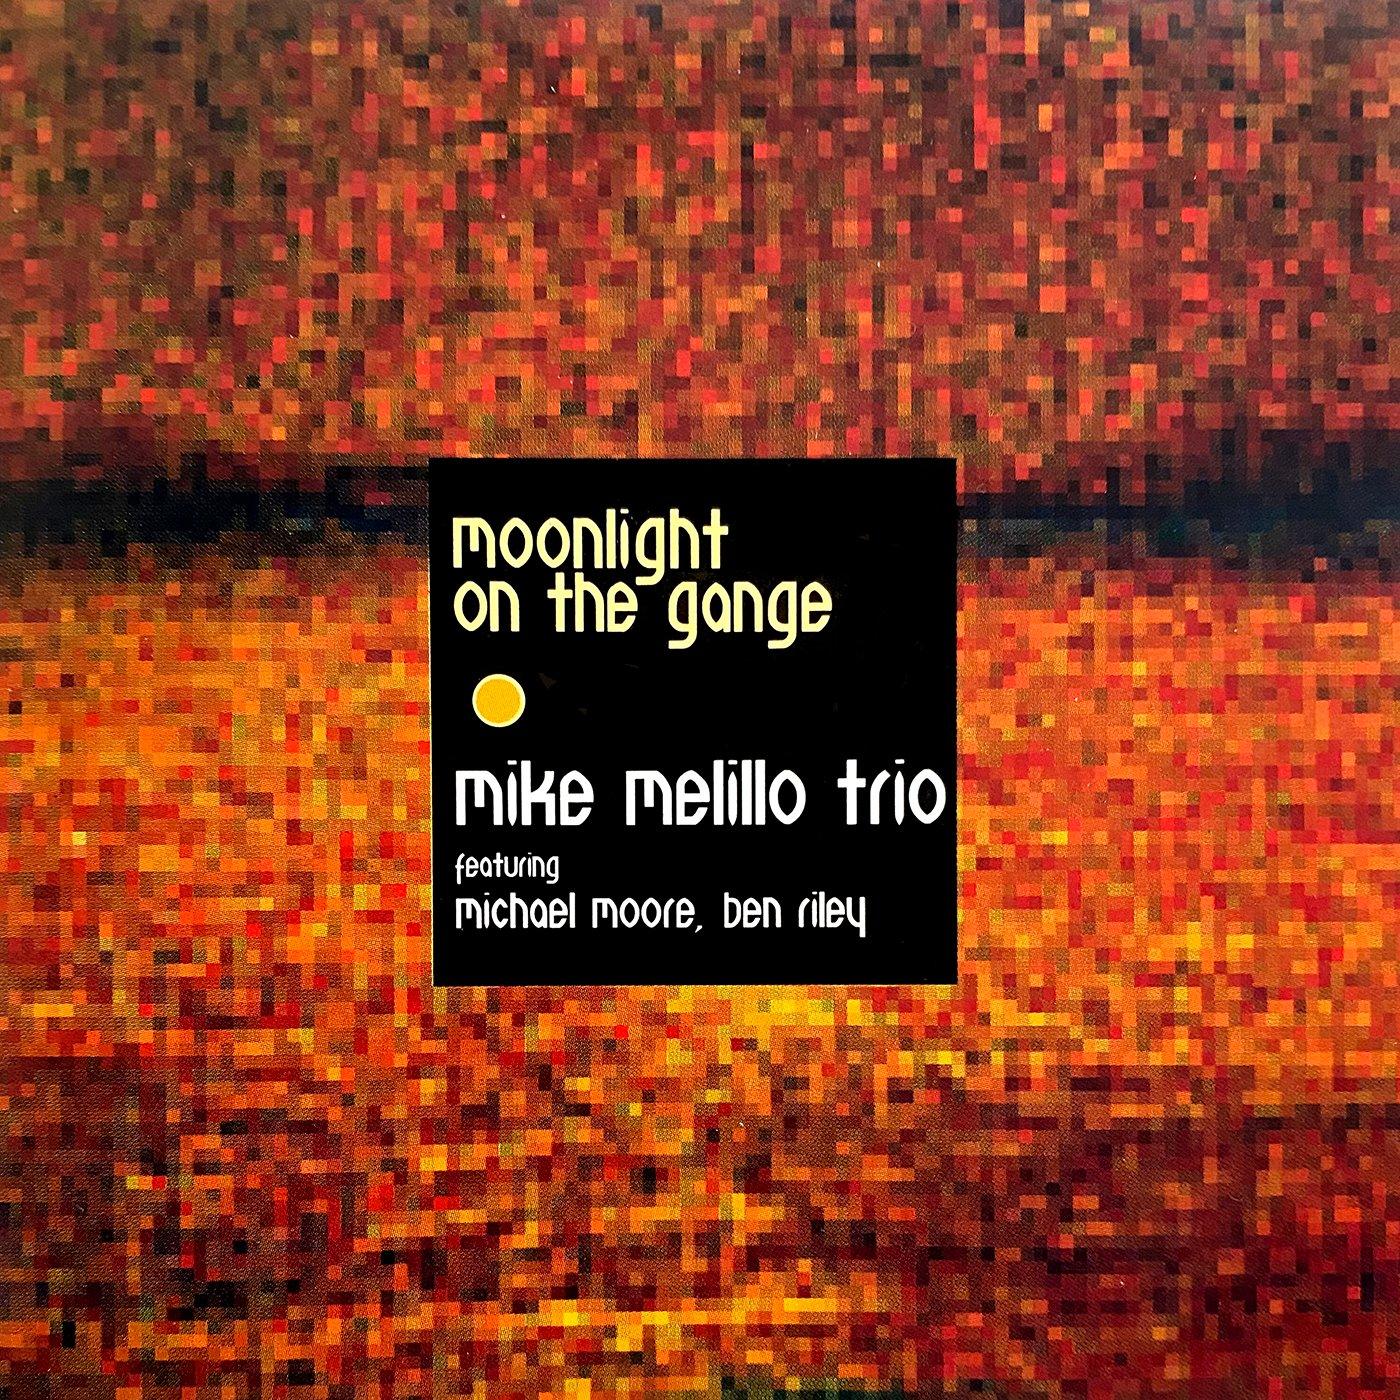 Moonlight On The Gange - Mike Melillo Trio